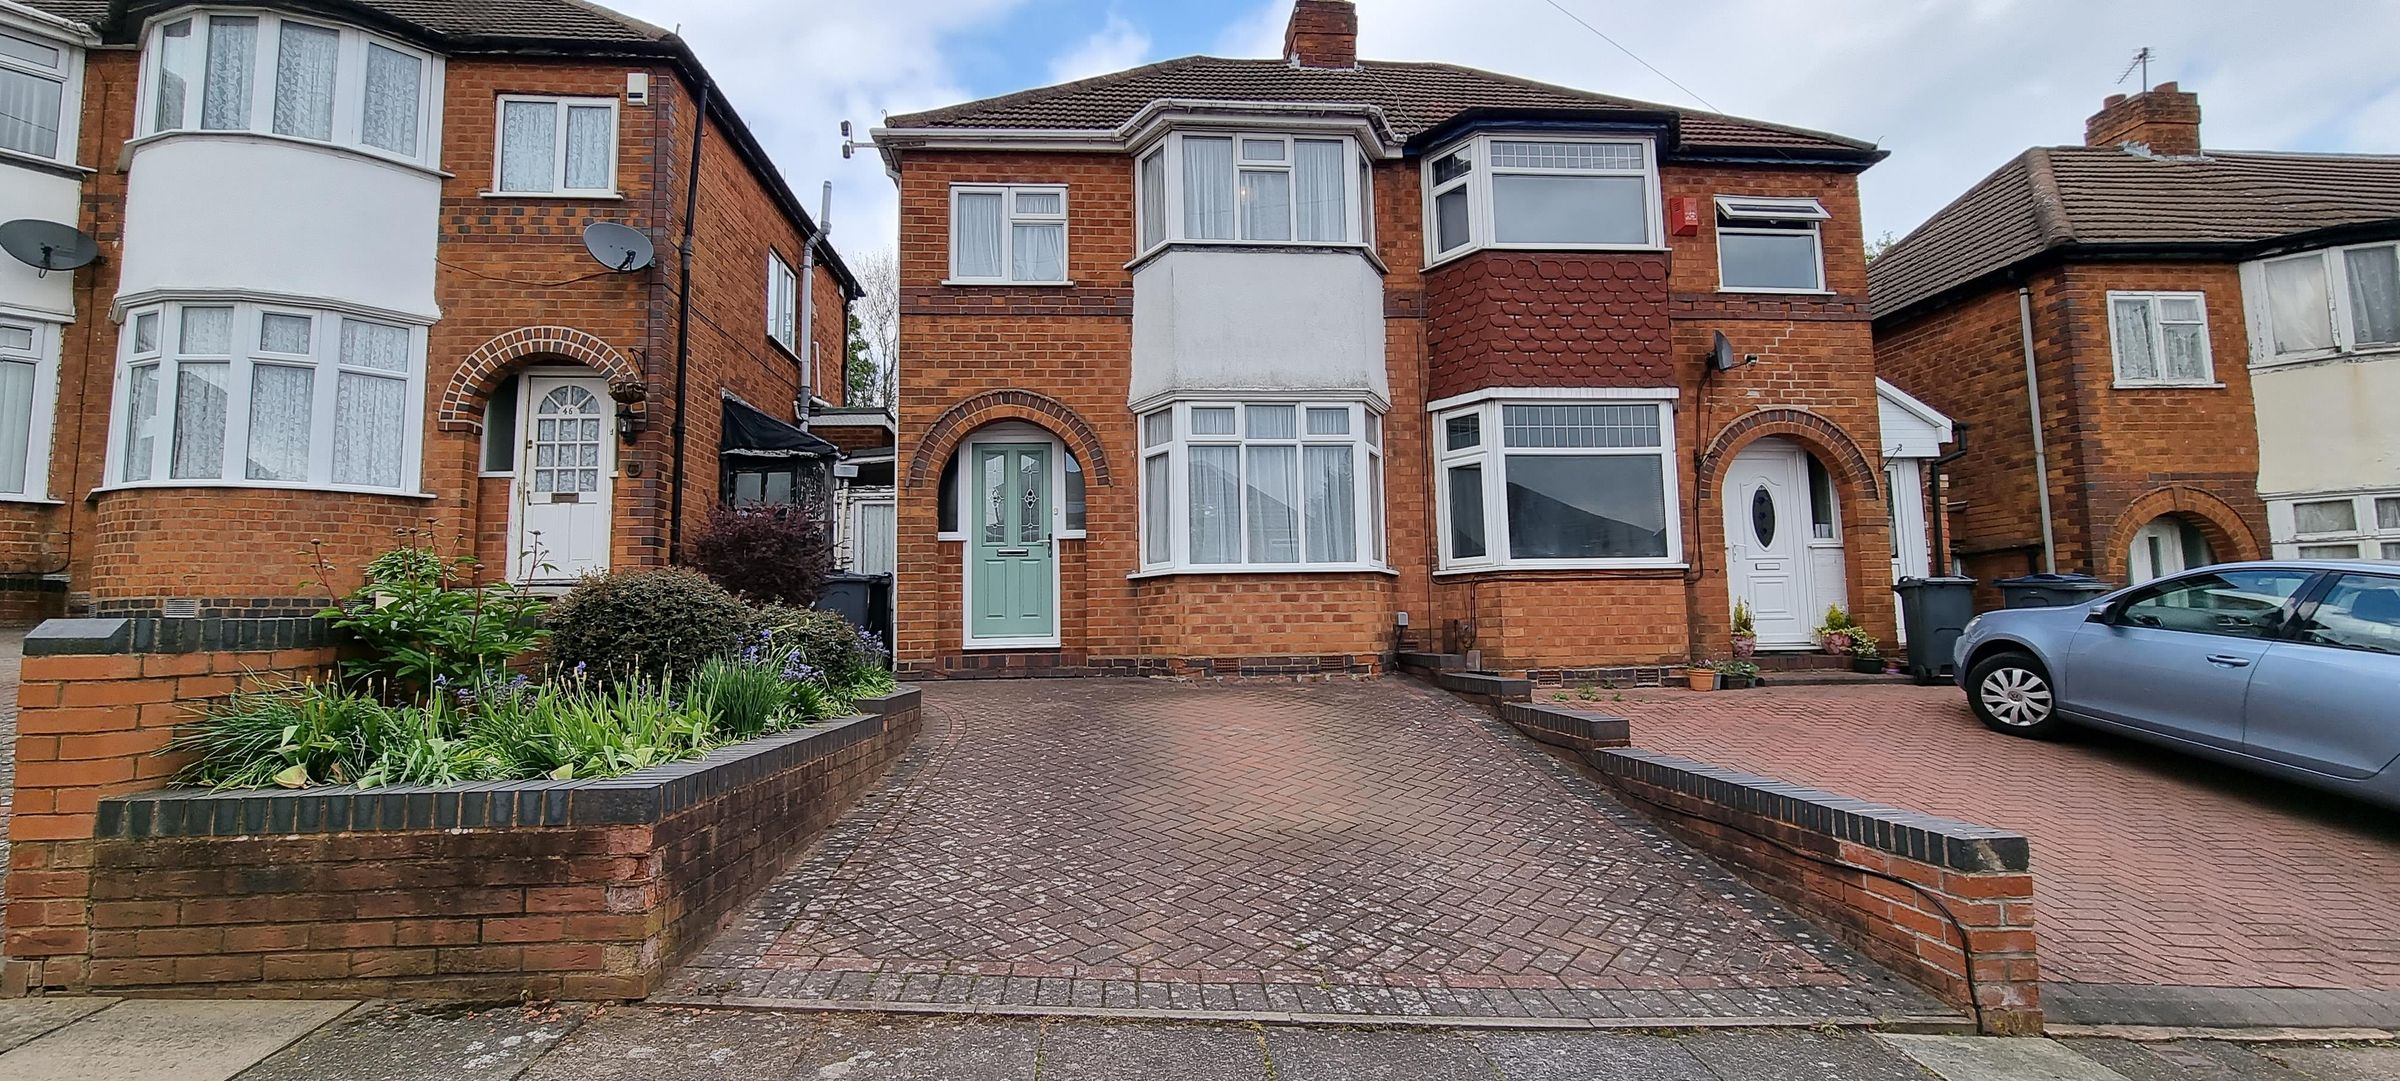 Property photo 1 of 22. Image